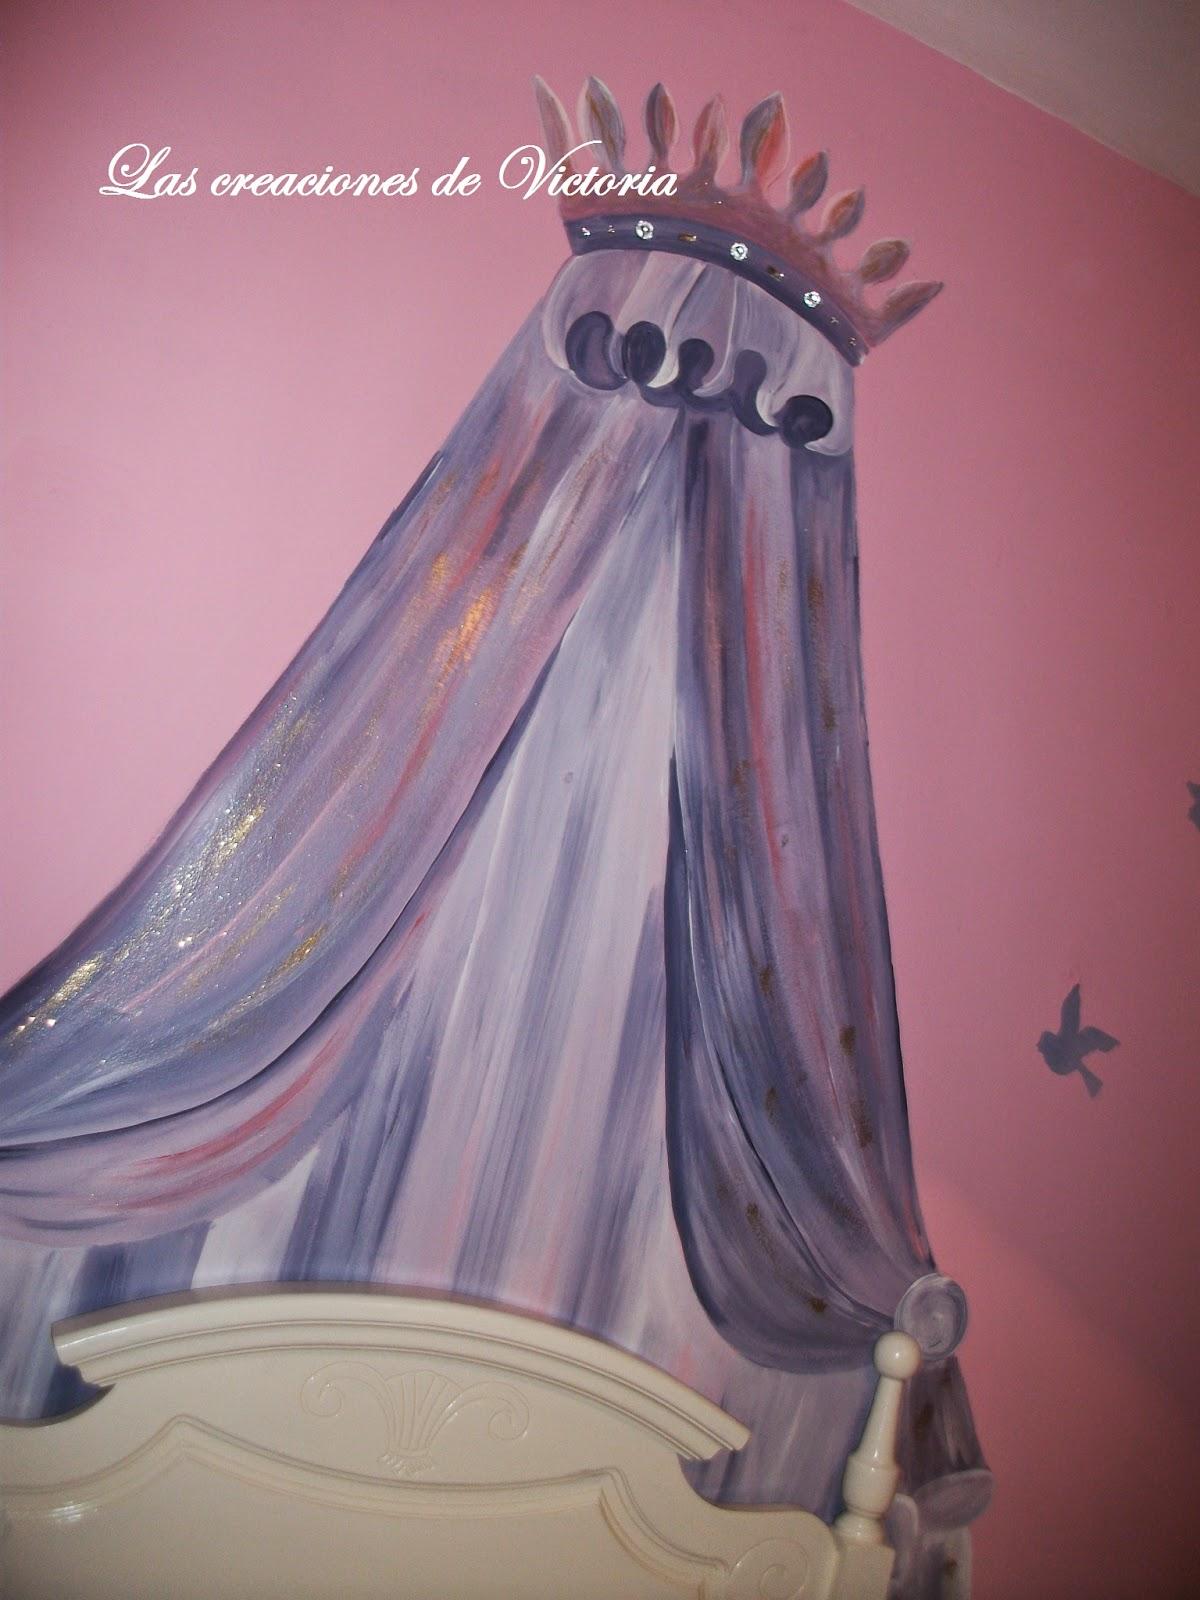 Las creaciones de Victoria,Pintar dosel. Redecorar muebles de madera.Pintura alzada corset.